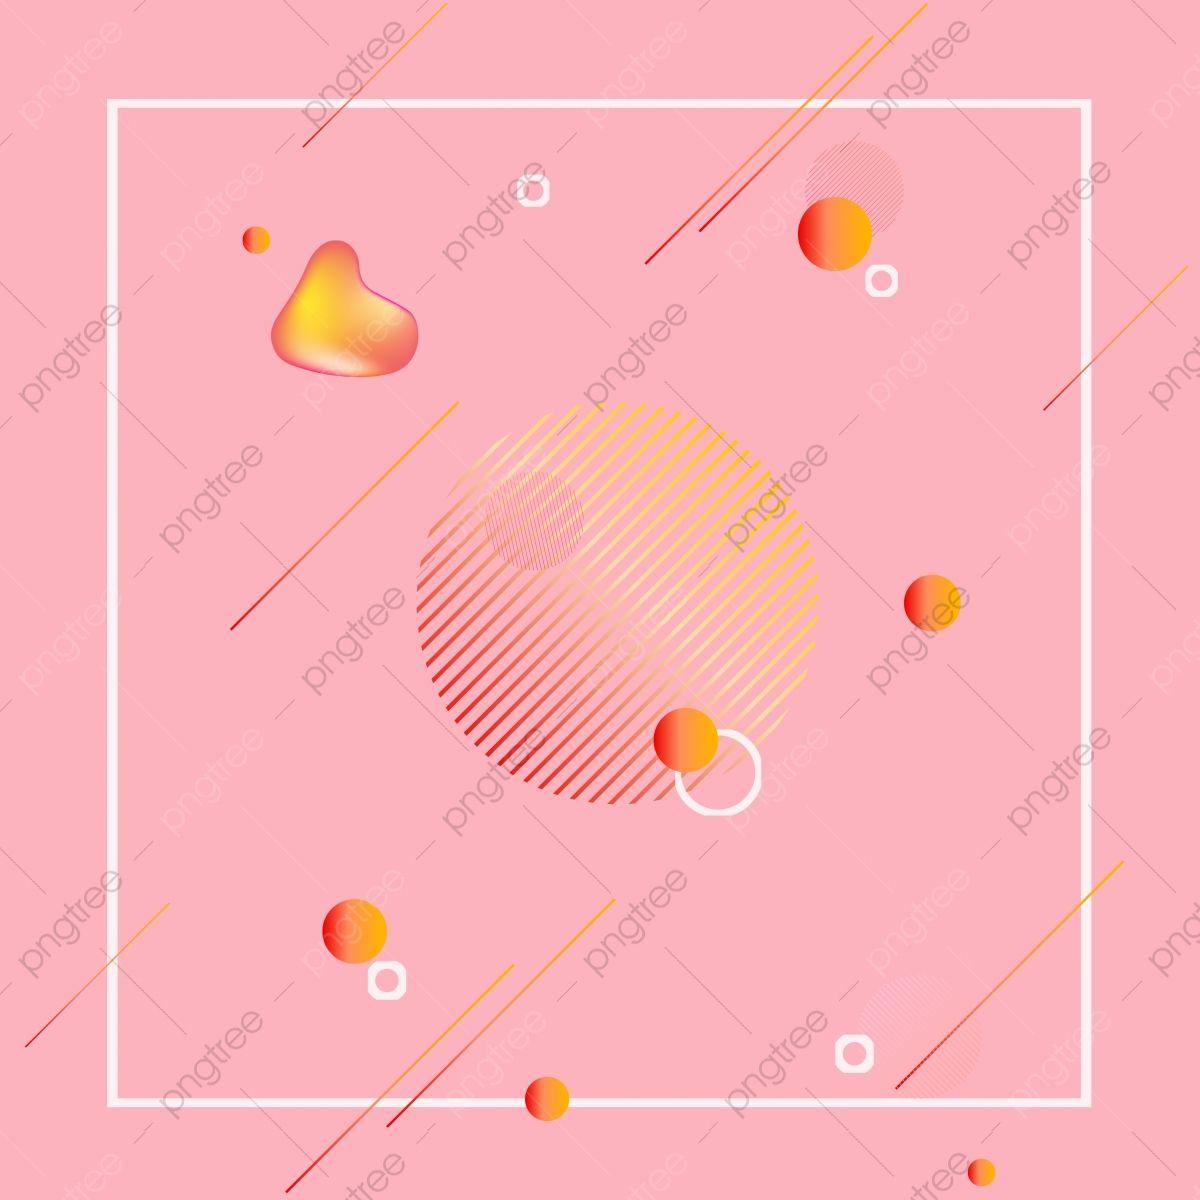 خلفيات وردية مع مربع أبيض الإطار الخلفية خلفيات وردية Png والمتجهات للتحميل مجانا Pink Background Cute Chibi Cute Chibi Couple